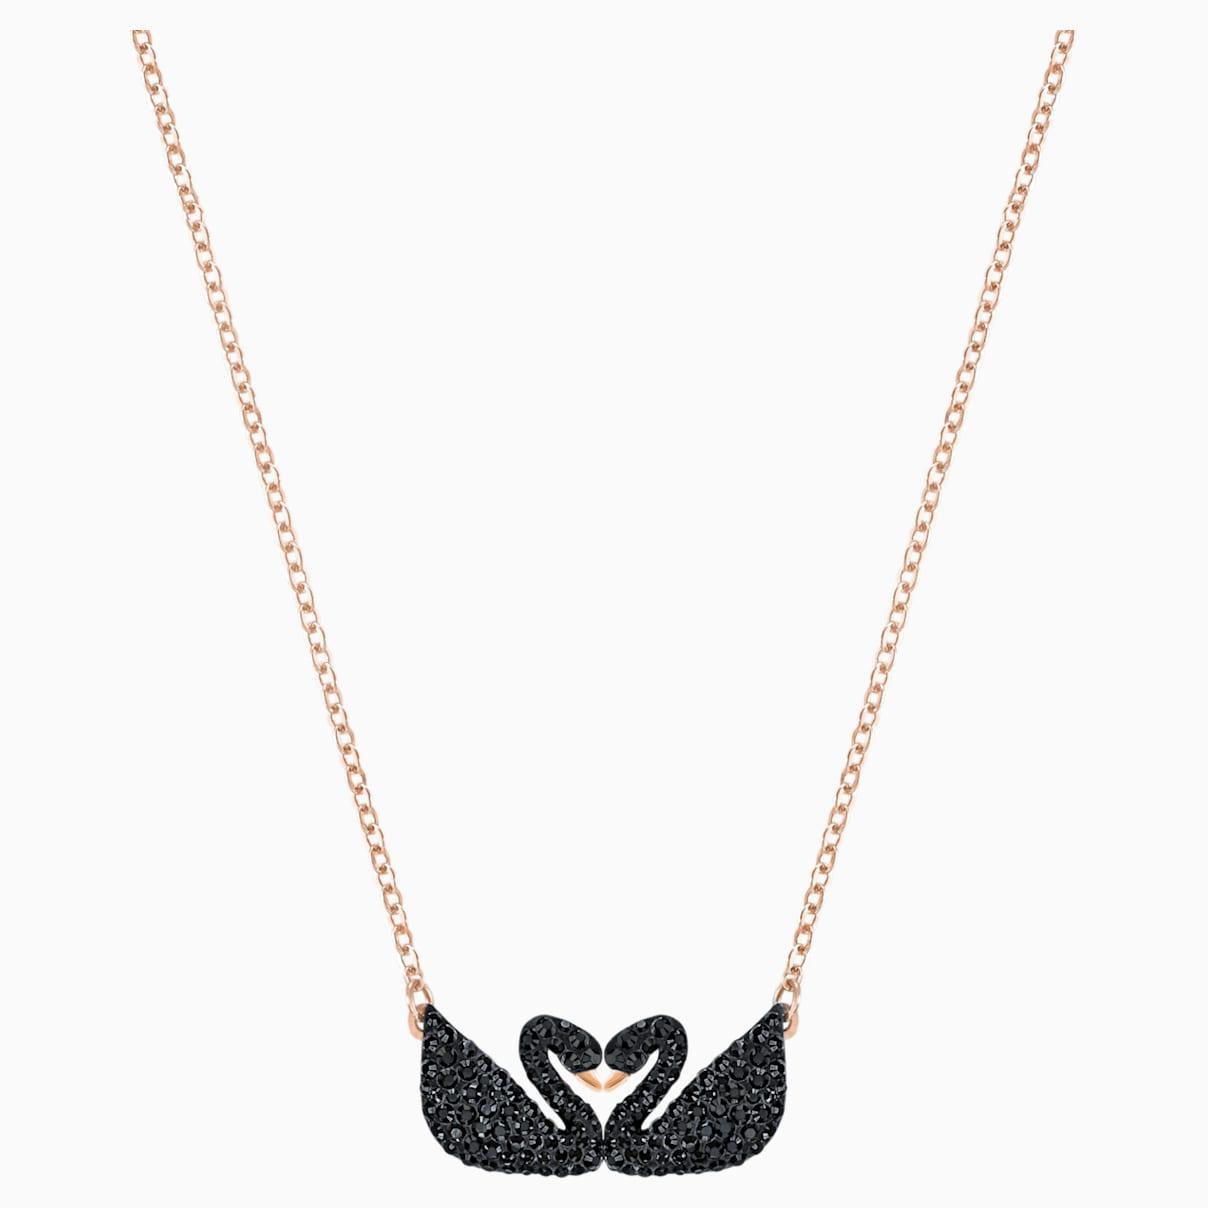 Collana Swarovski Iconic Swan, nero, Placcato oro rosa